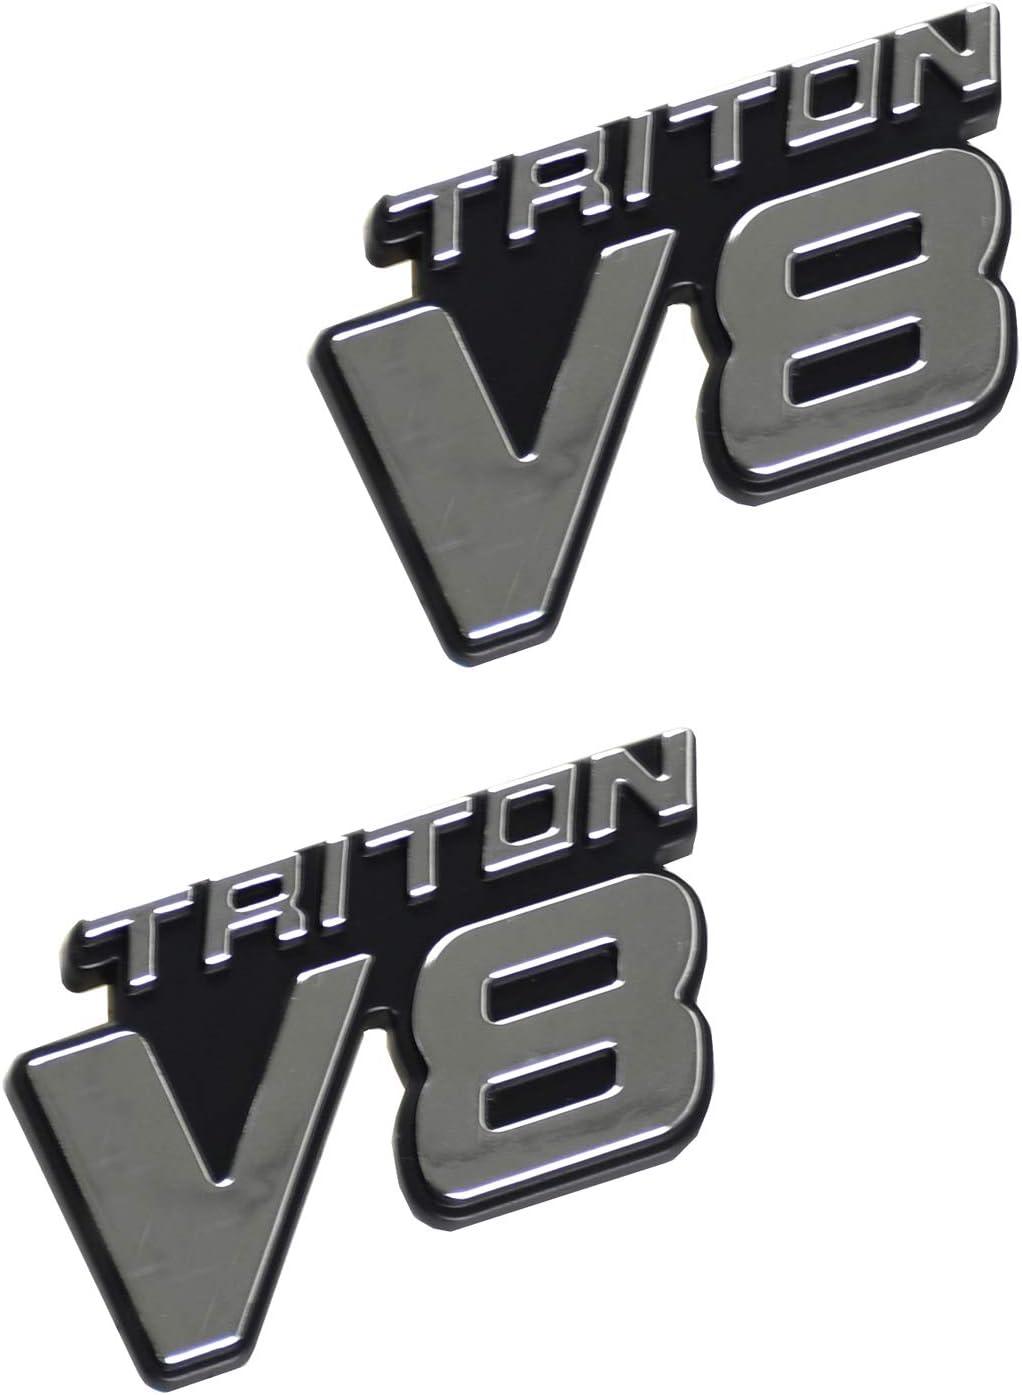 2Pcs V8 Triton Emblems Badges Door Tailgate Rear Decal Sticker 3D Nameplate Compatible for V8 Chrome Black